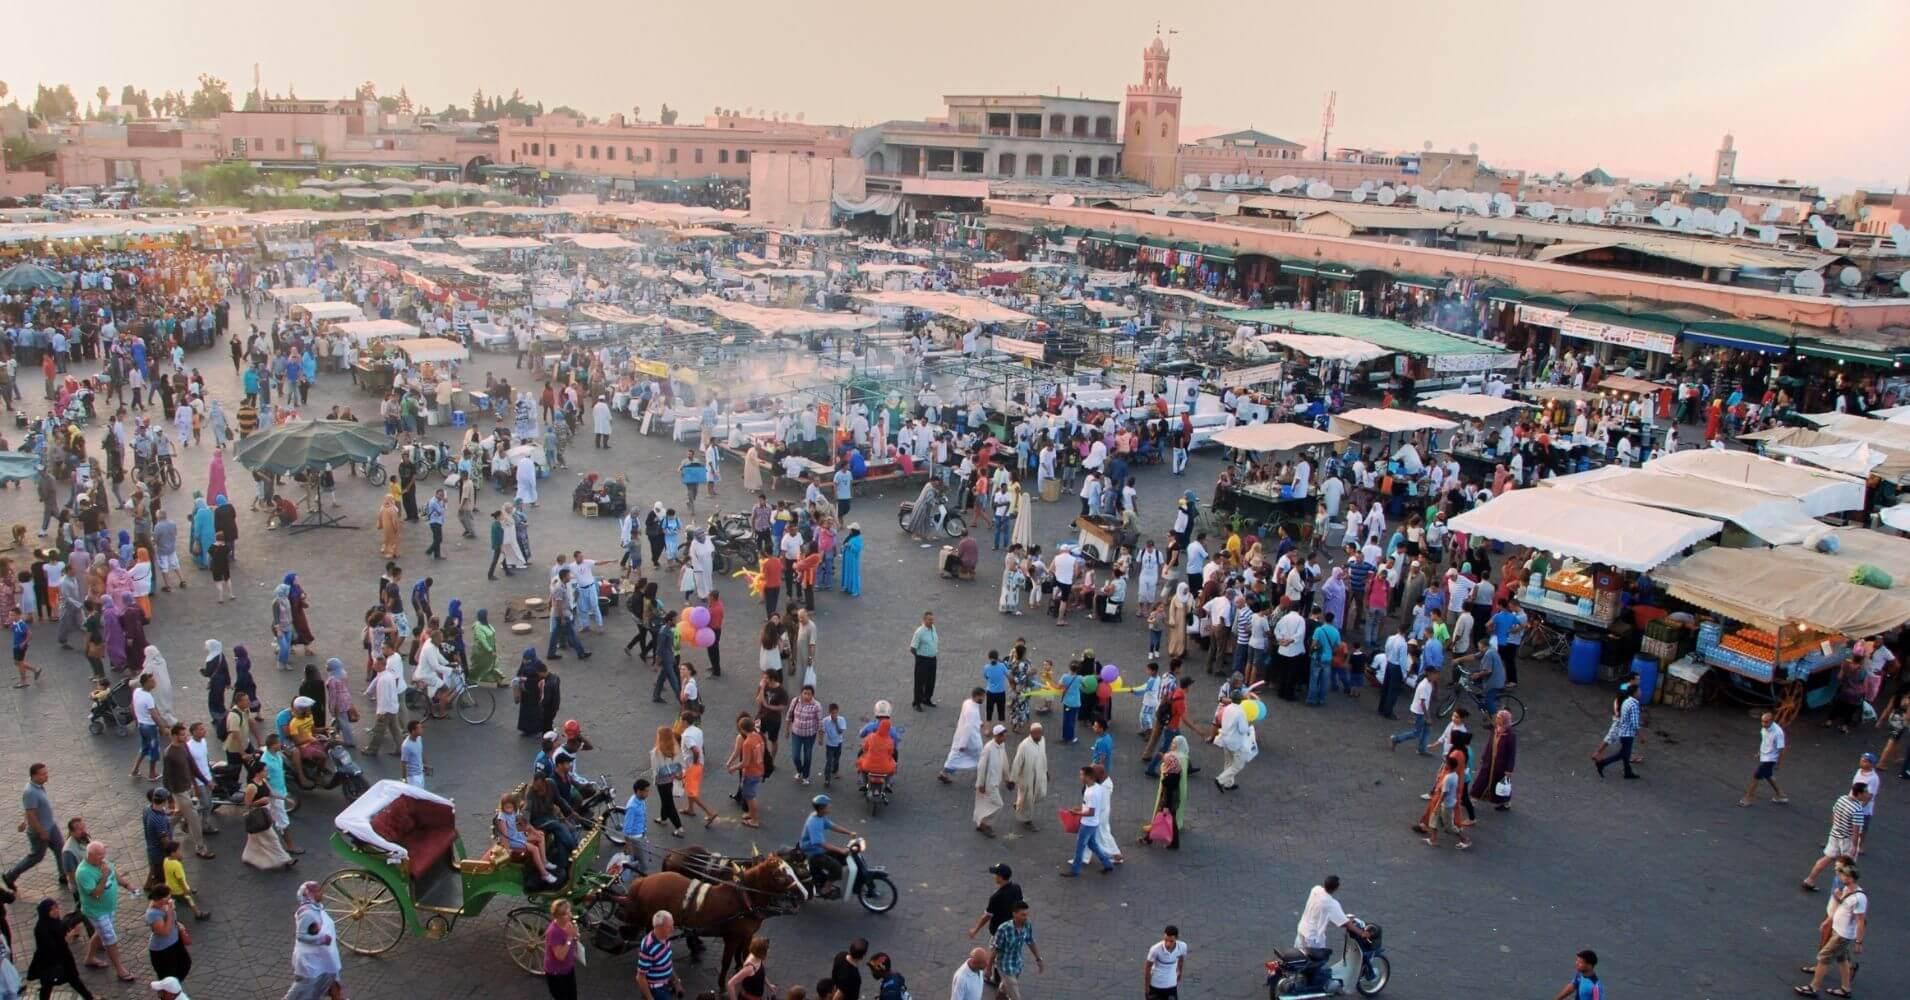 Panorámica de la Plaza de Jamaa el Fna, Marrakech. Marruecos.